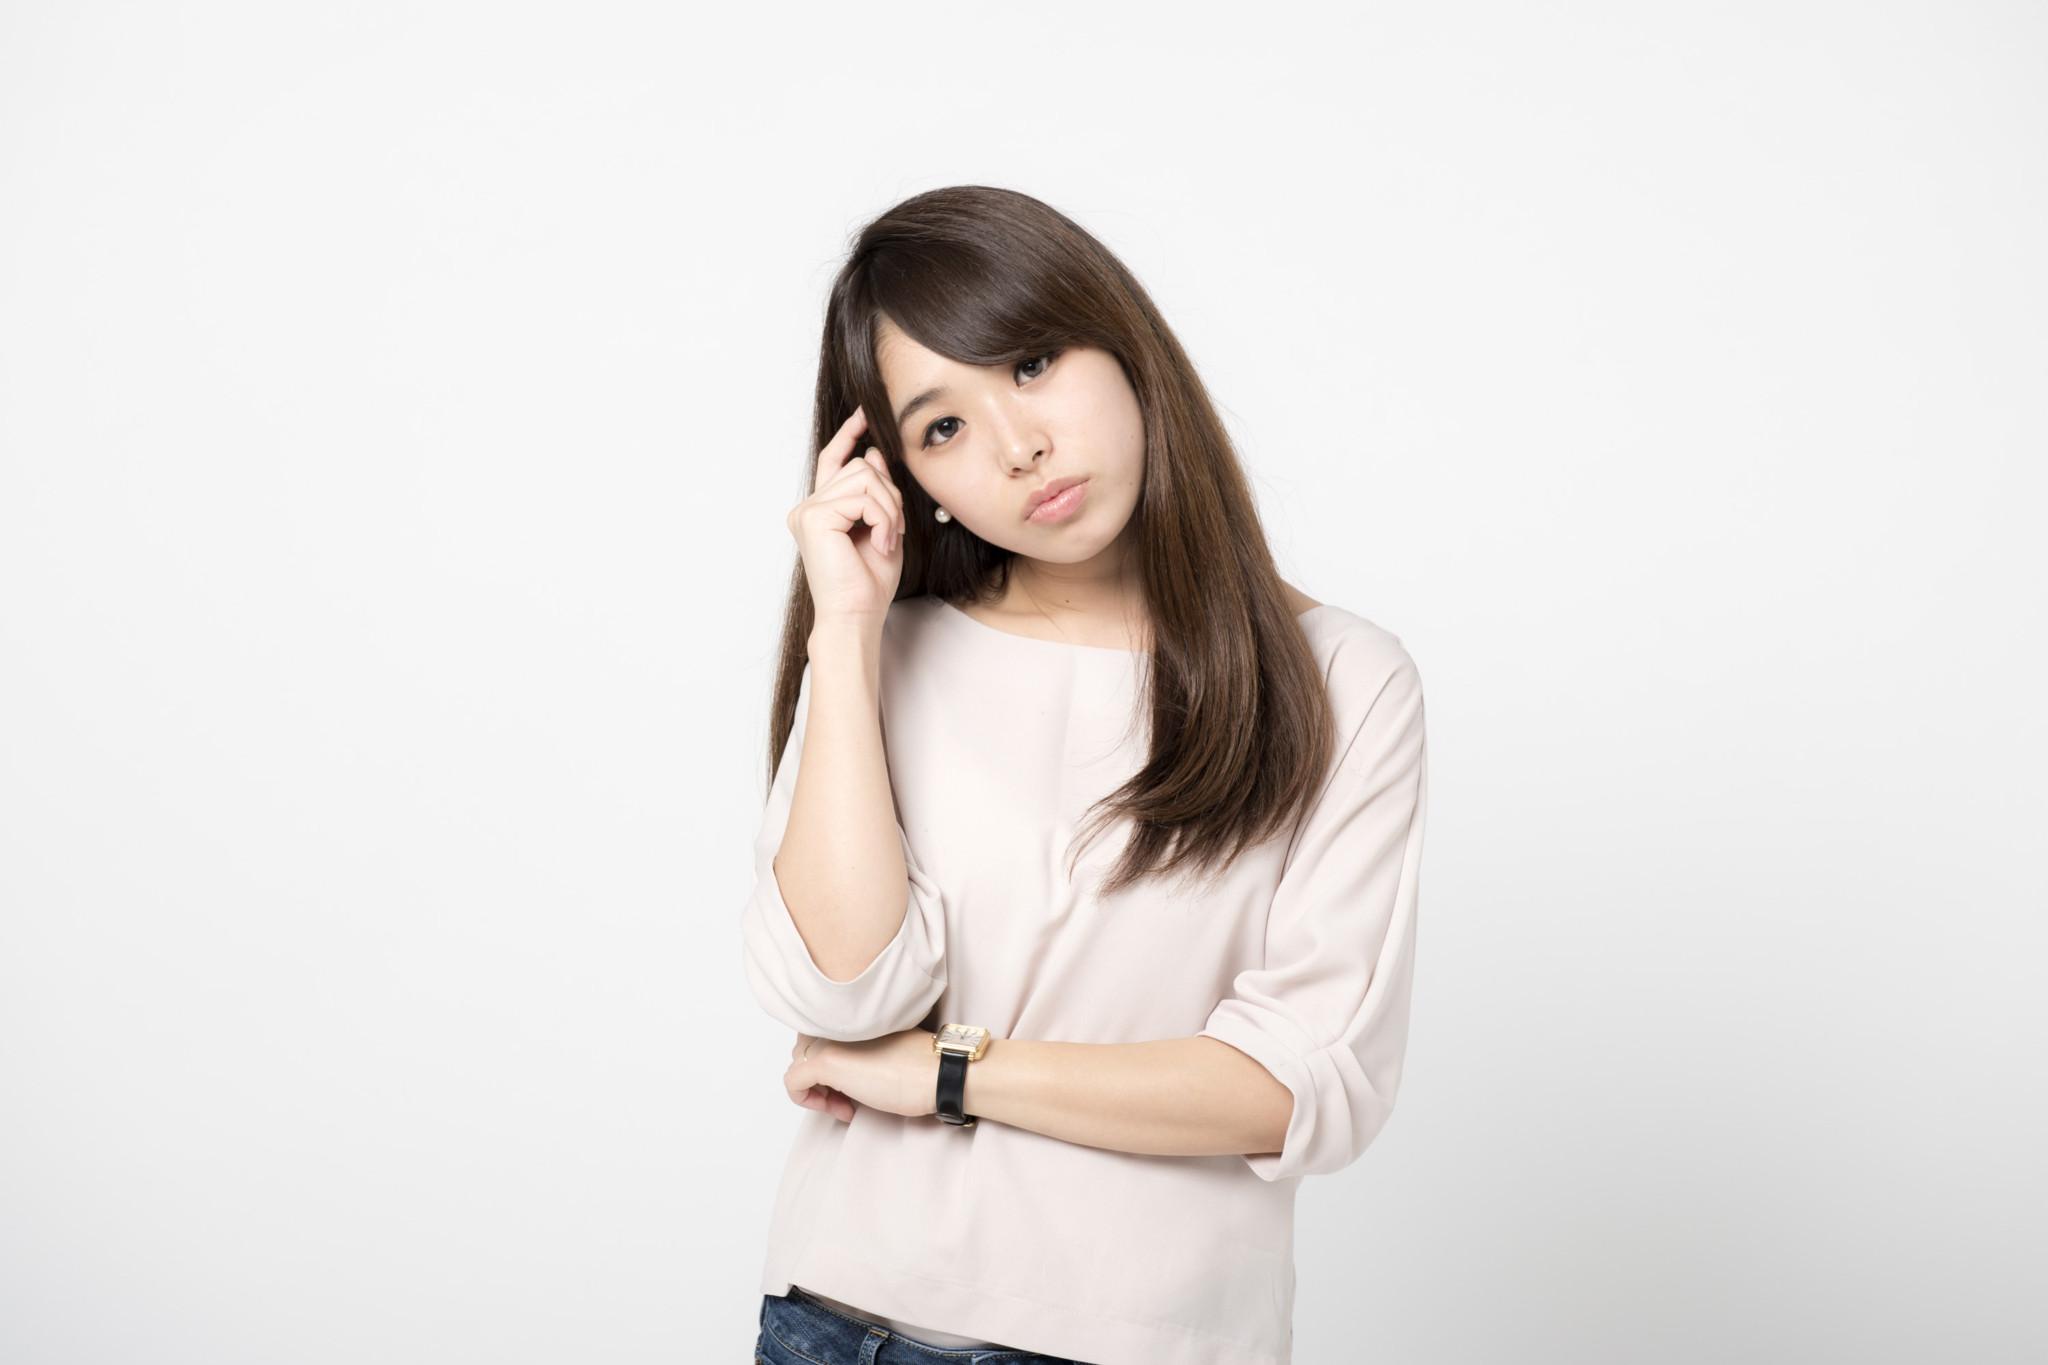 片桐優妃さん(no.115)。25歳。